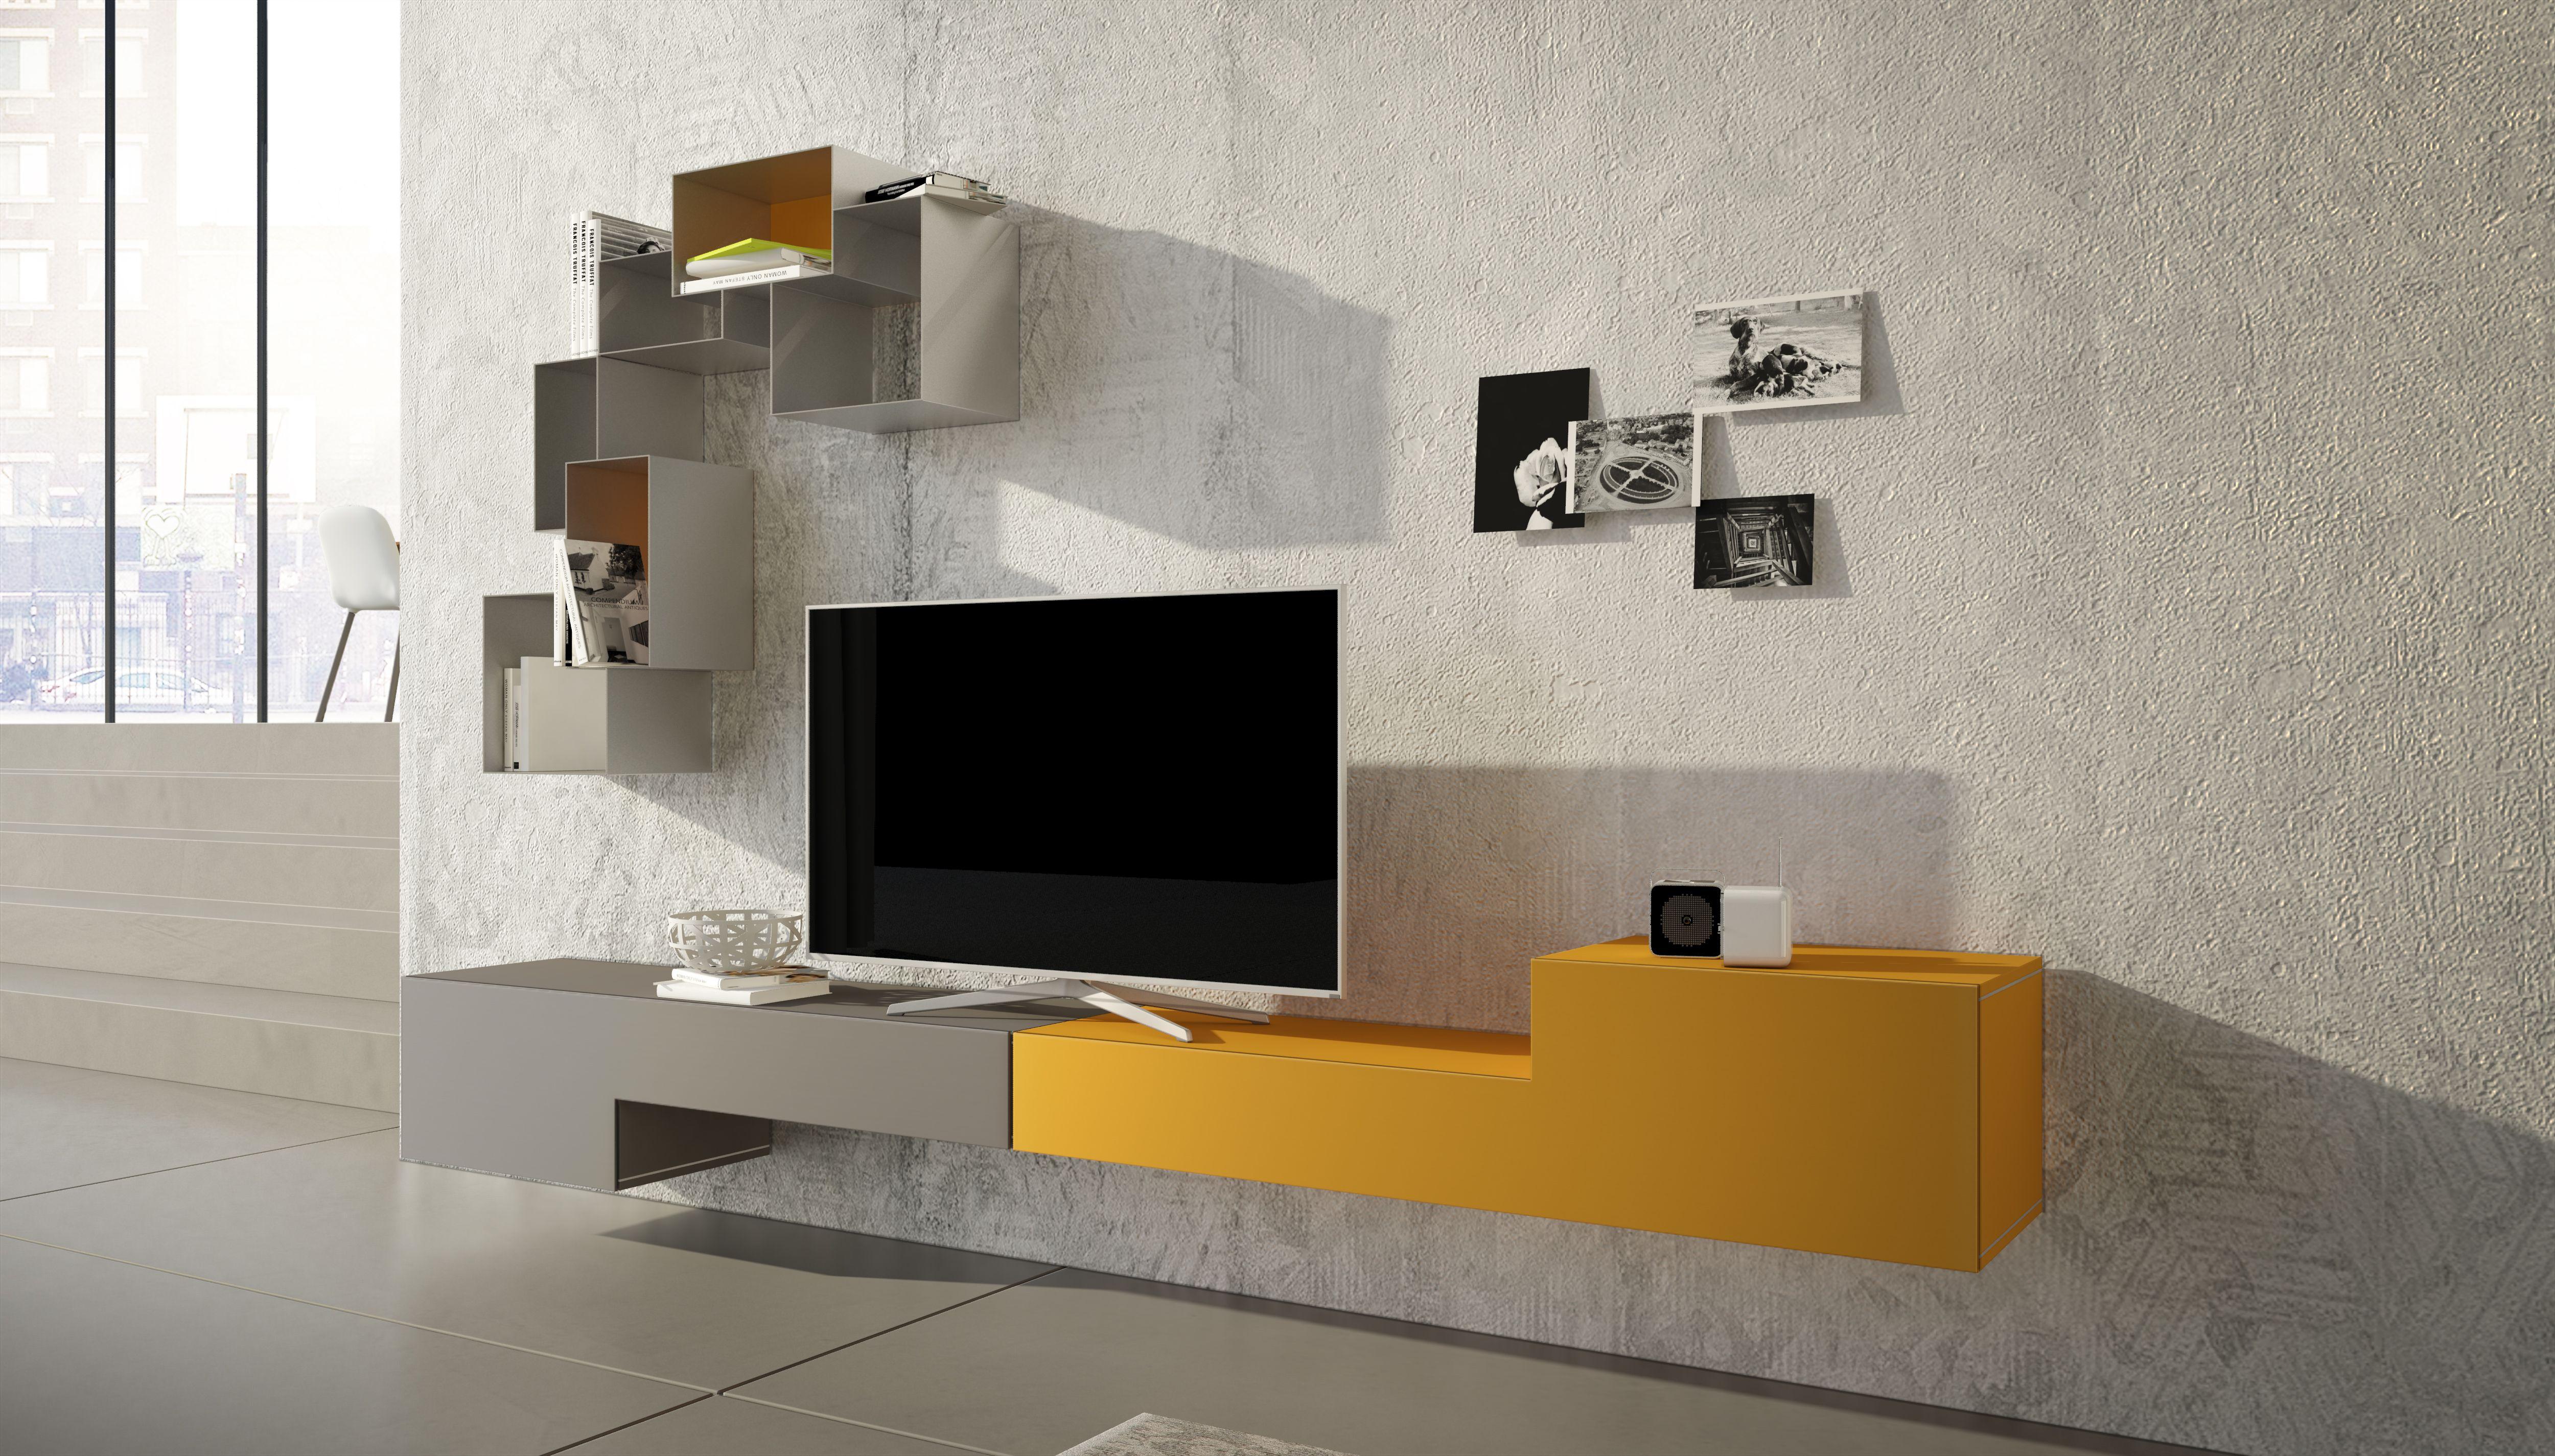 Parete Mobili Porta Tv Design.Mobile Porta Tv Moderno Parete Attrezzata Larghezza 300 Cm